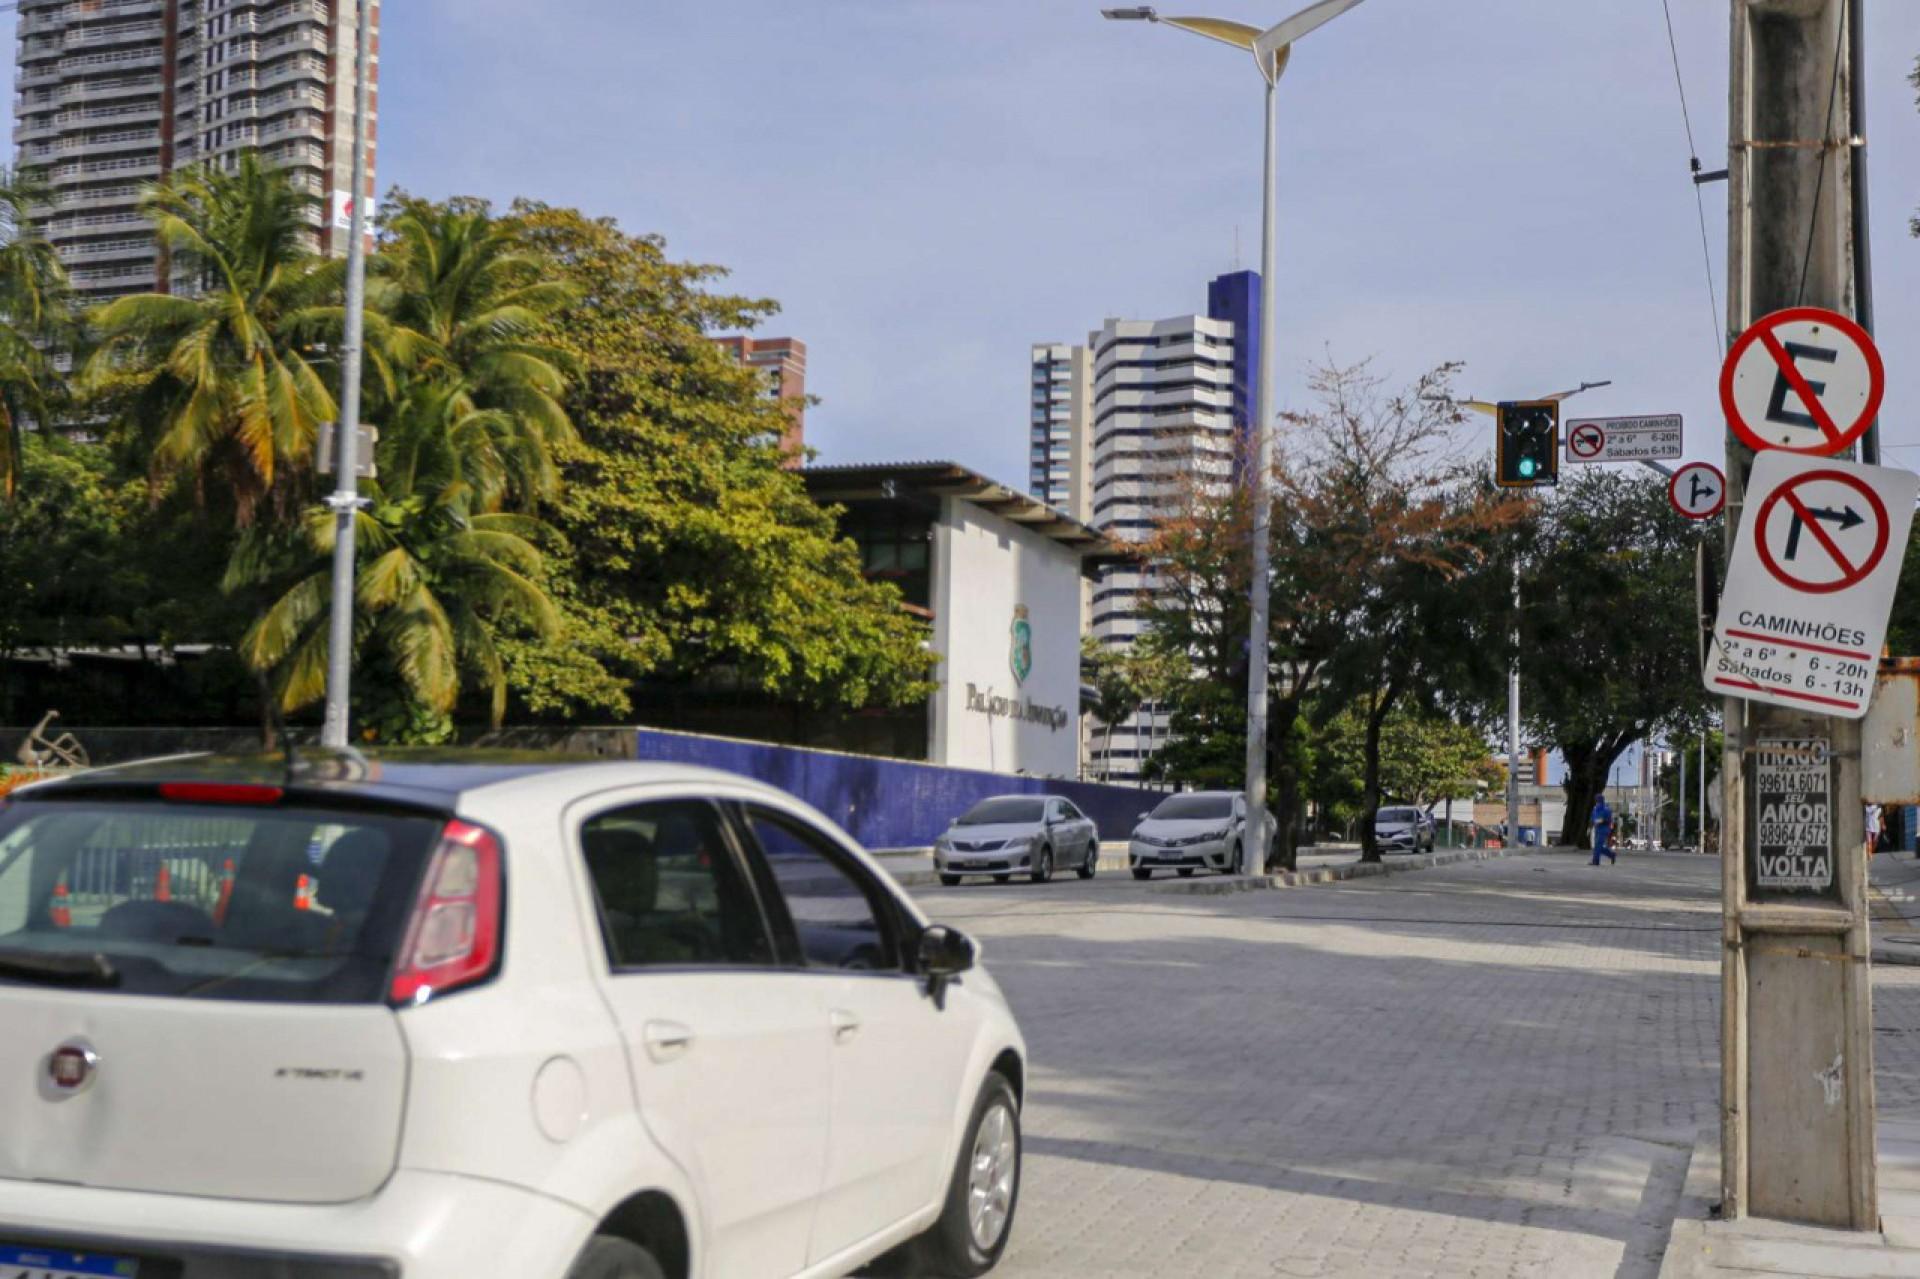 O espaço foi interditado  para  implantação de piso intertravado e outros serviços de requalificação na região